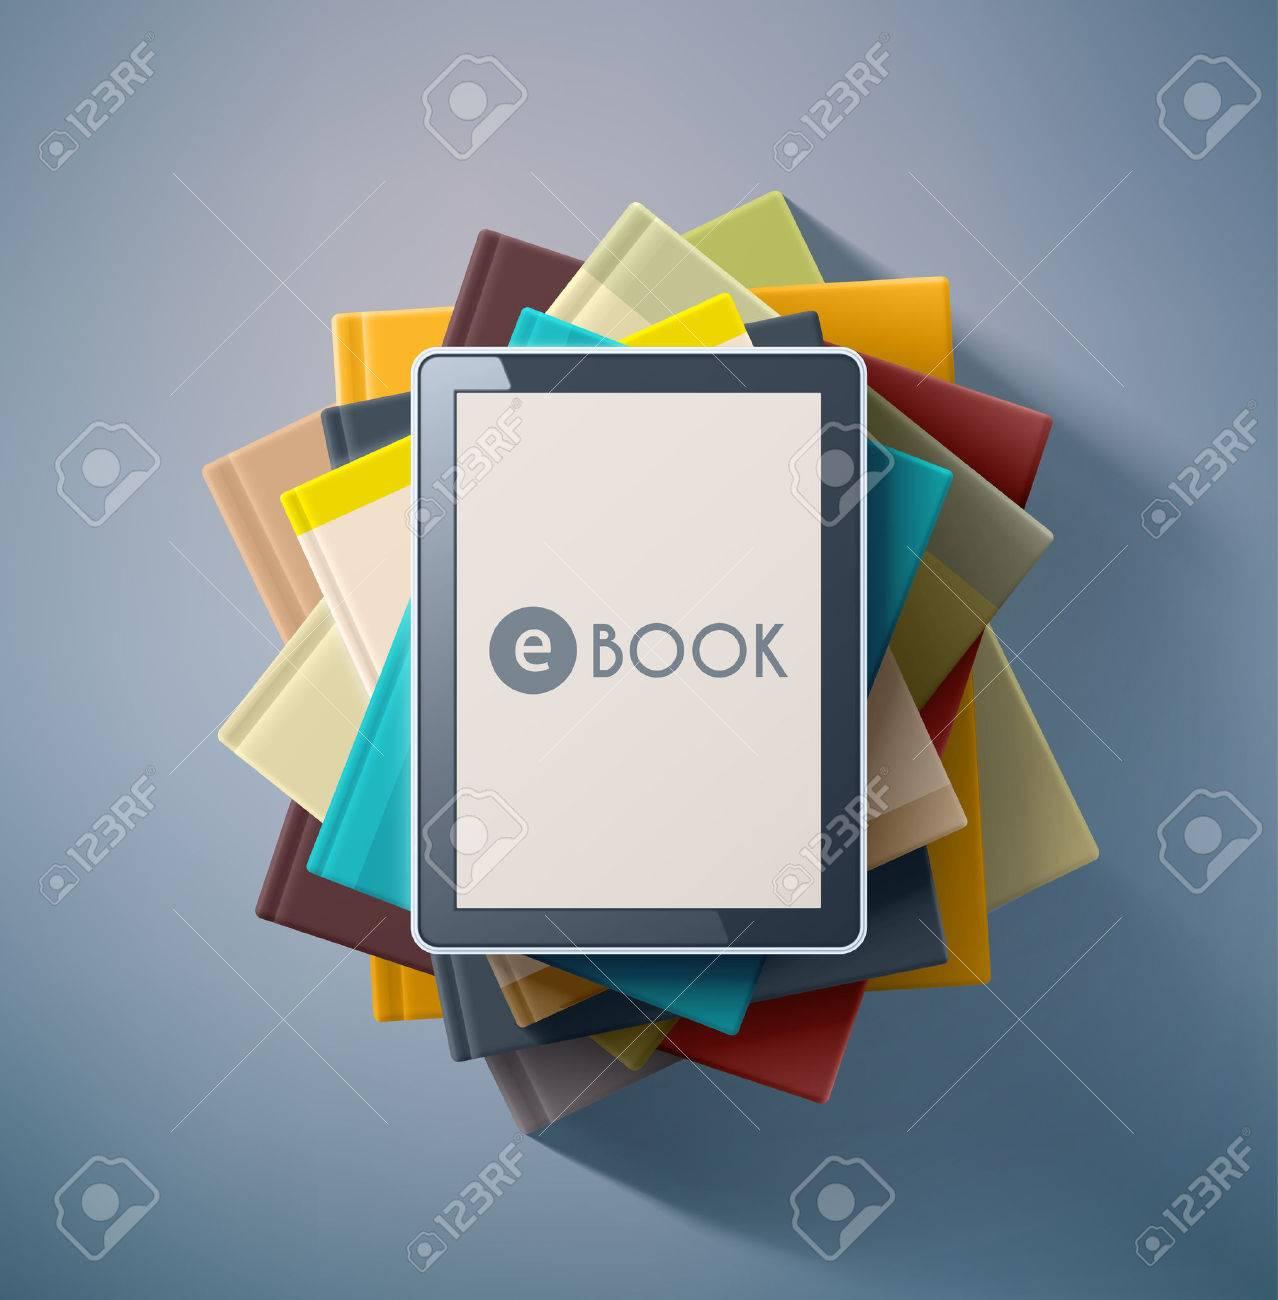 E-book, stack of books Standard-Bild - 39941679